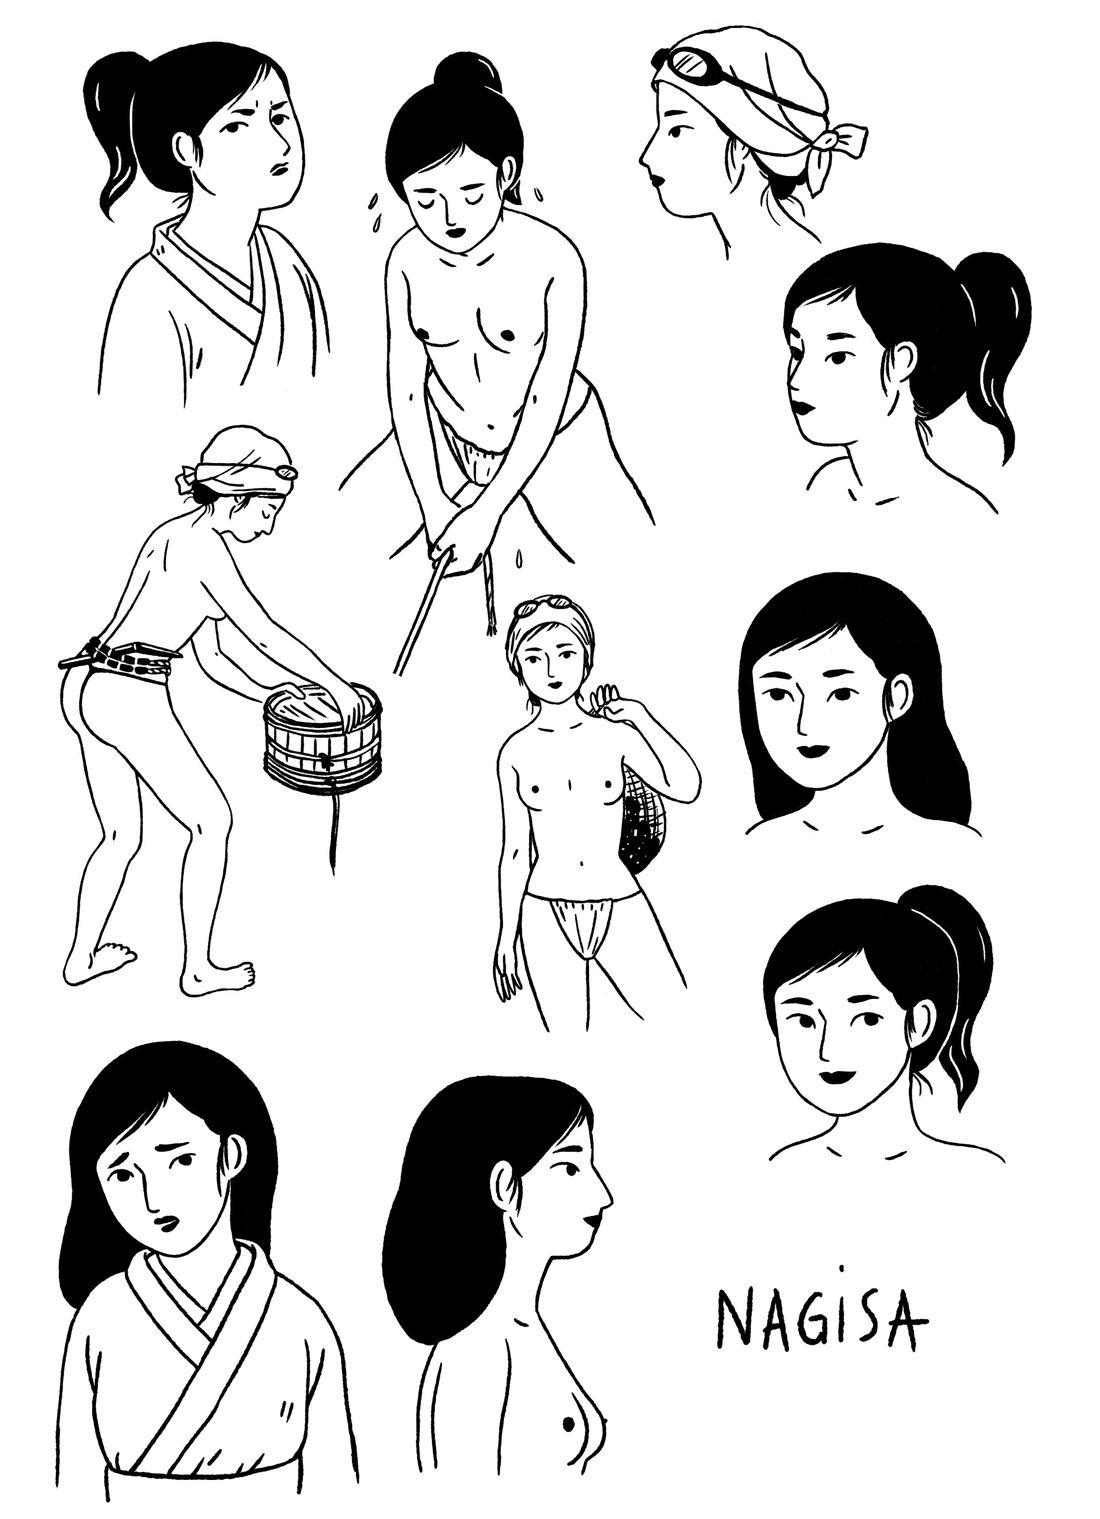 Ama - Le souffle des femmes, Nagisa, recherche de personnages © Sarbacane / Becq